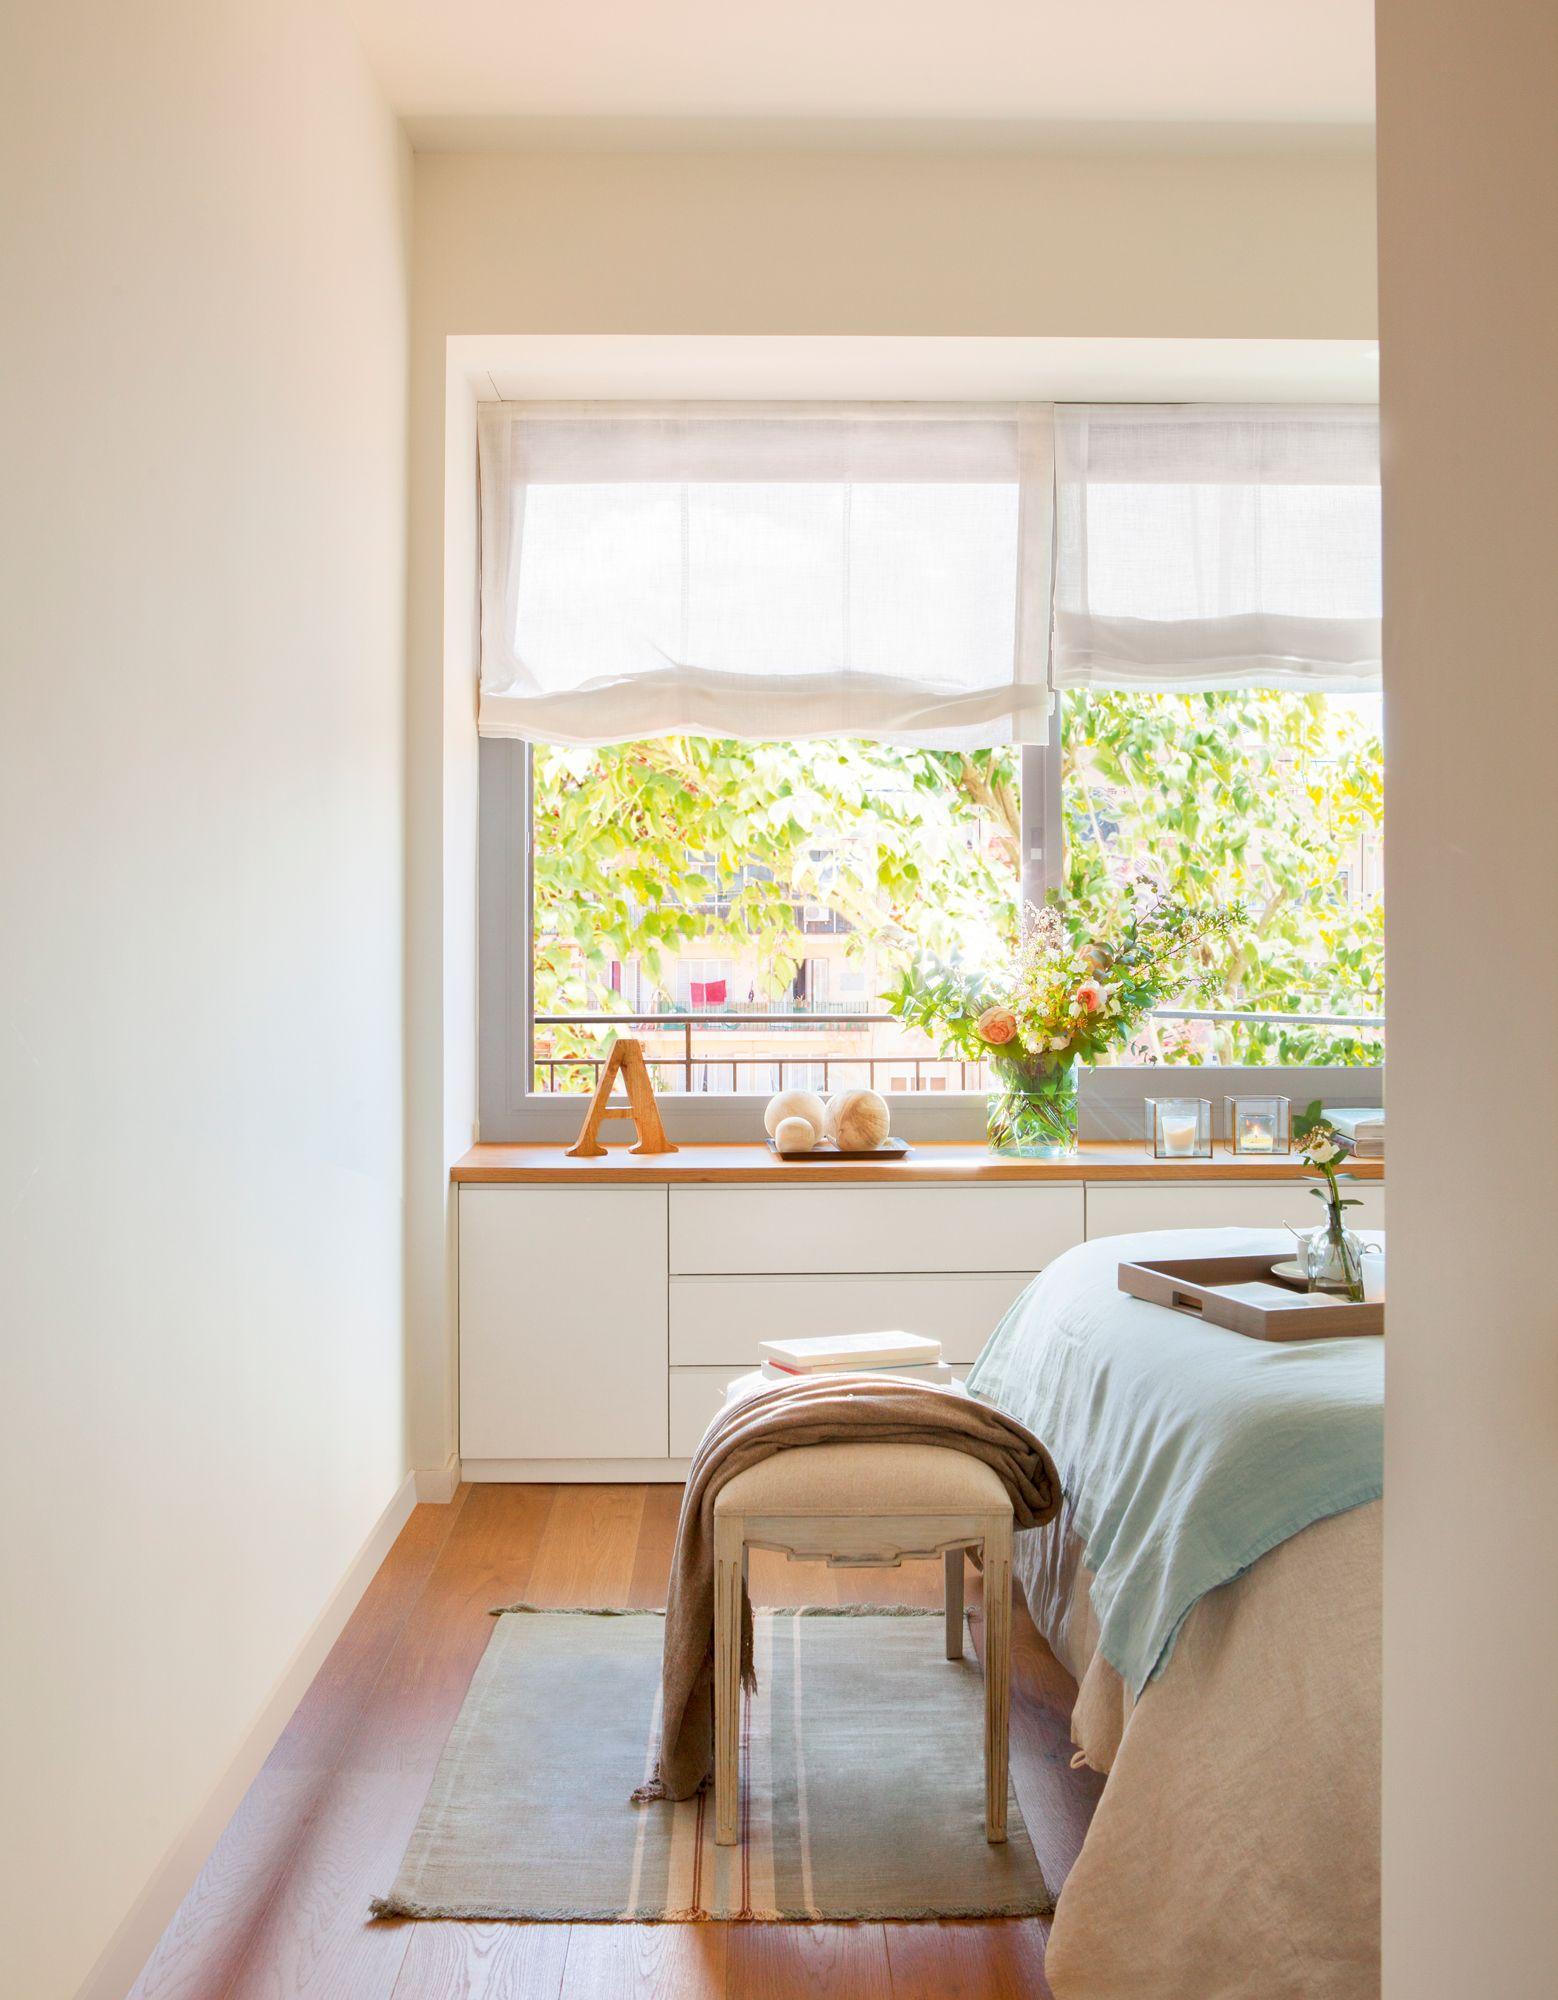 Resultado de imagen de mueble bajo ventana dormitorio - Mueble de habitacion ...